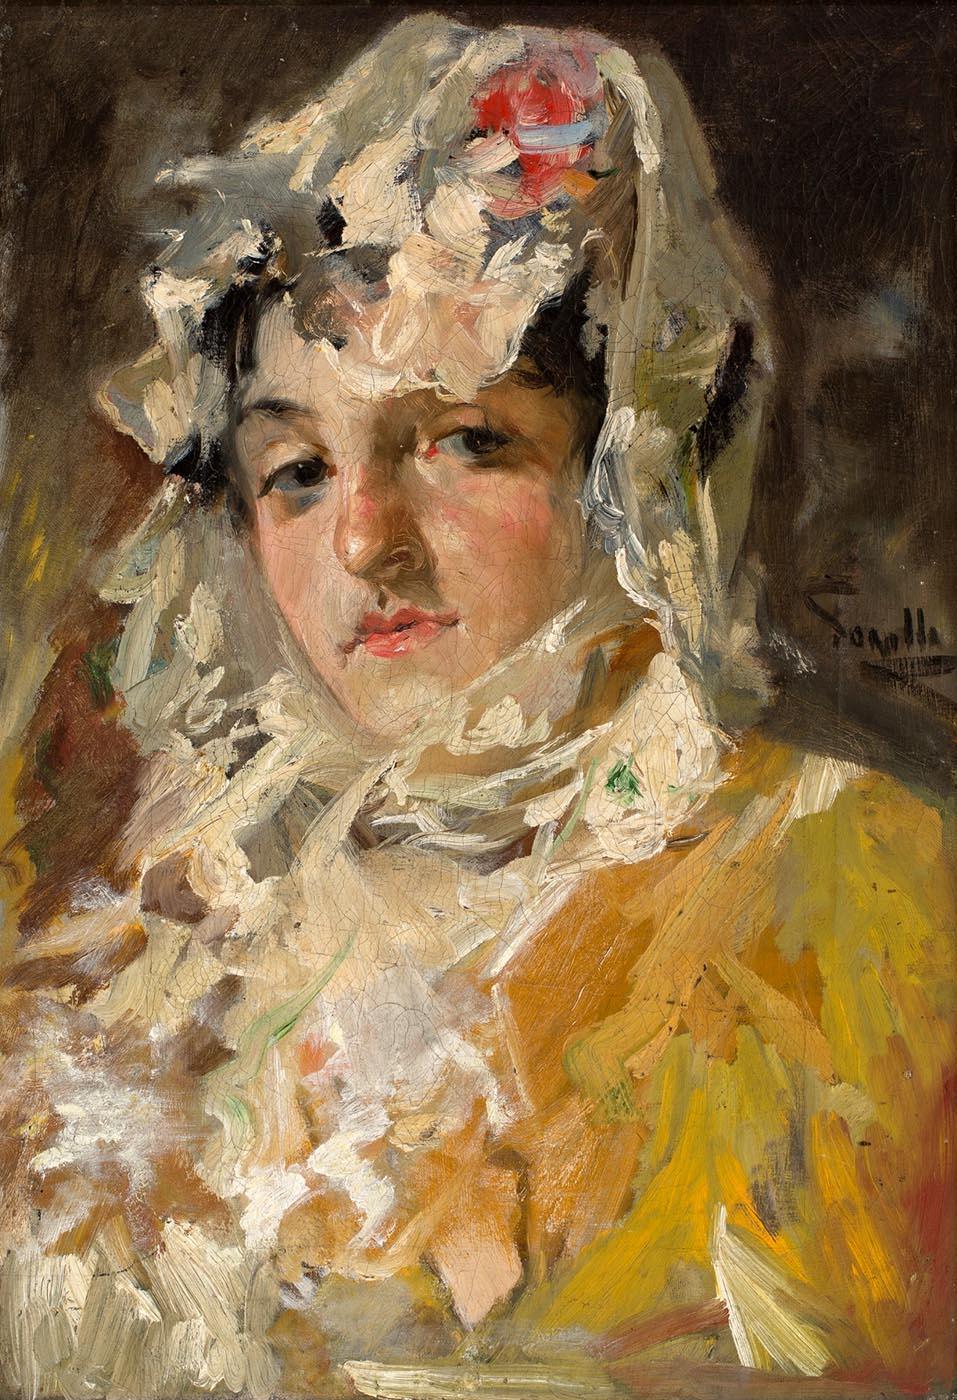 Joaquín Sorolla y Bastida. Cabeza de mujer con mantilla blanca. Hacia 1882. Museo Nacional del Prado. Madrid.